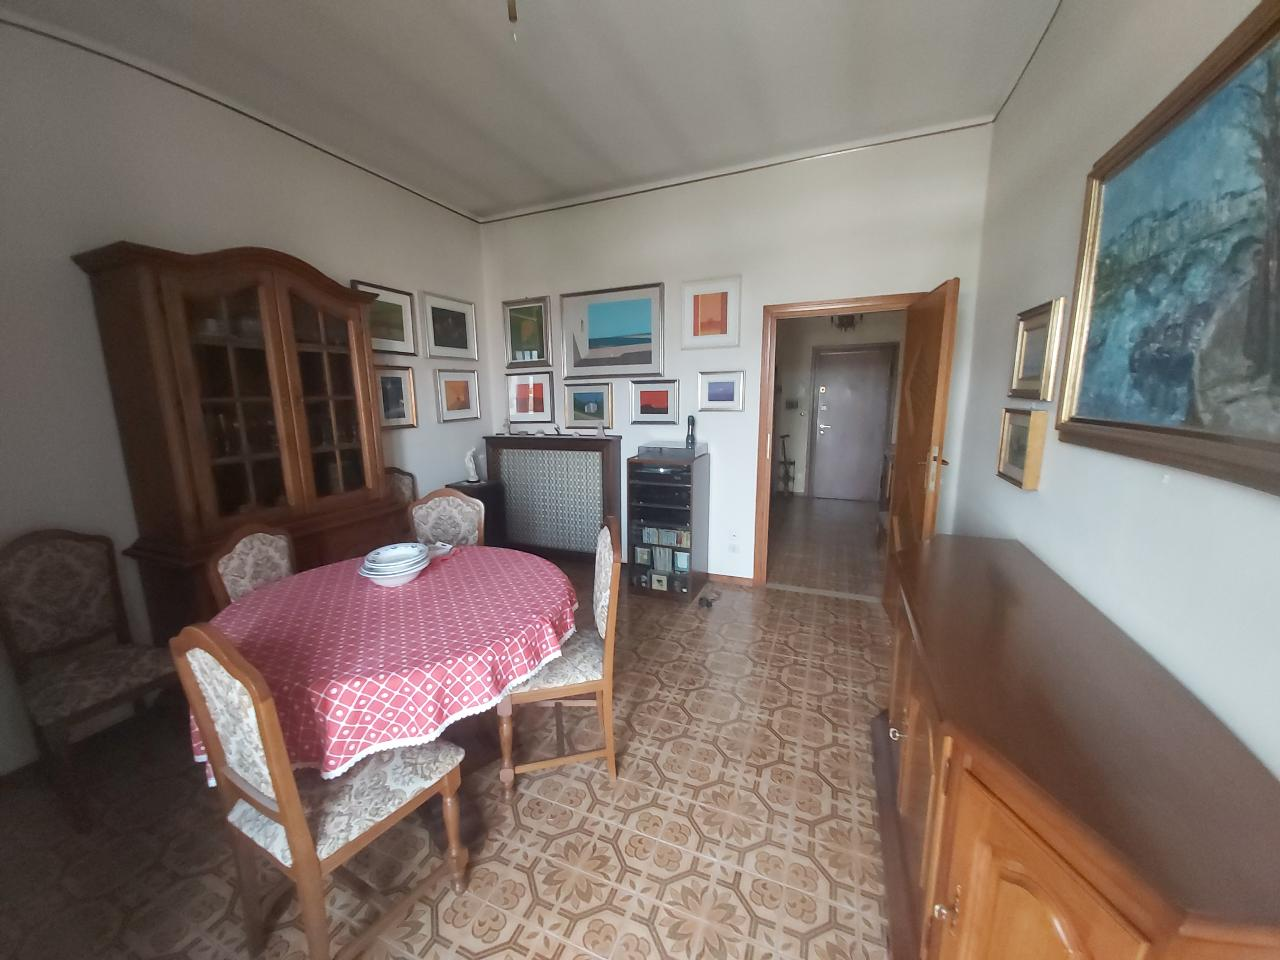 Appartamento CREMONA €53.000,00